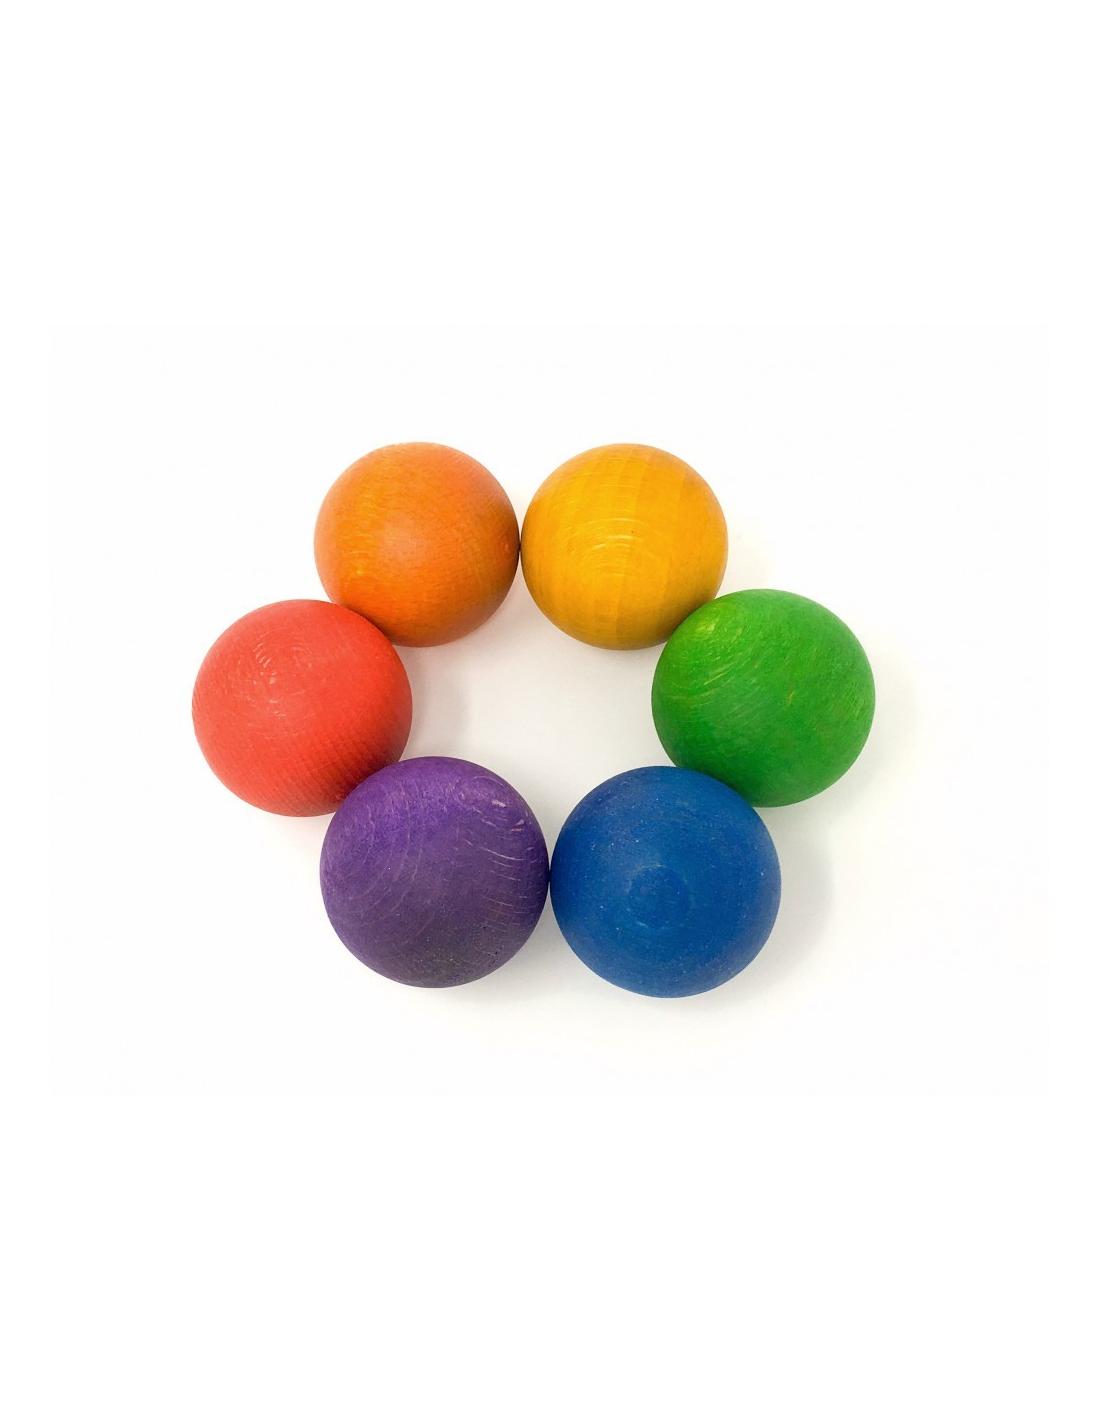 Jeu libre : 6 boules en bois arc en ciel GRAPAT | Jouet | Matériel pédagogique| Waldorf Montessori Steiner